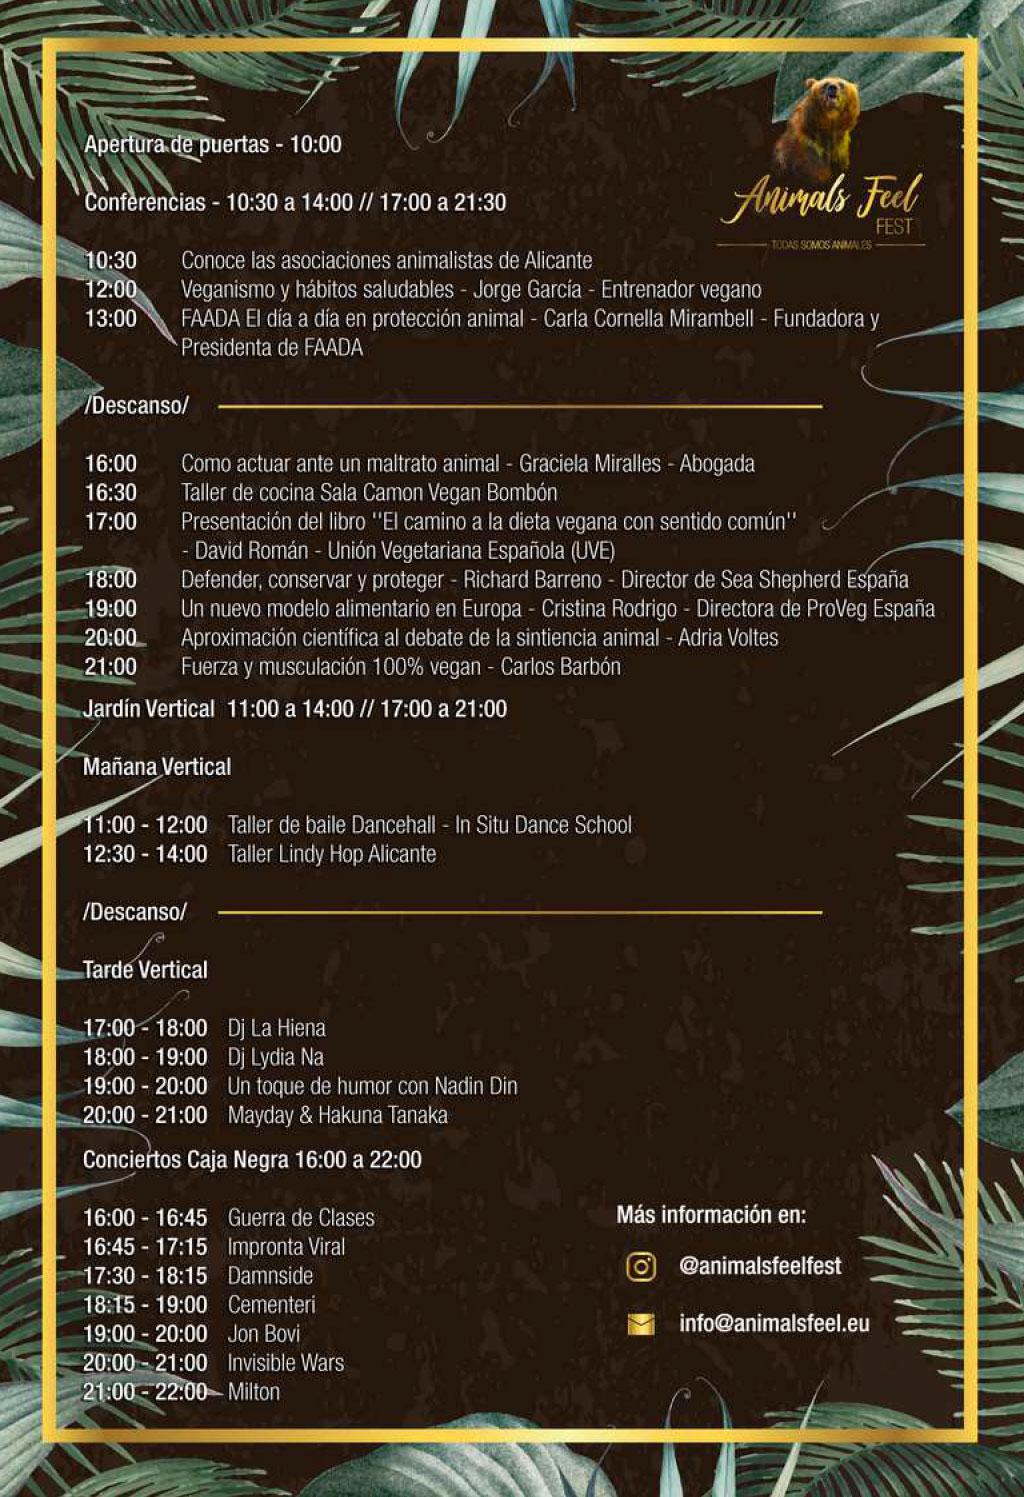 Animal Feel Fest 2019: programme